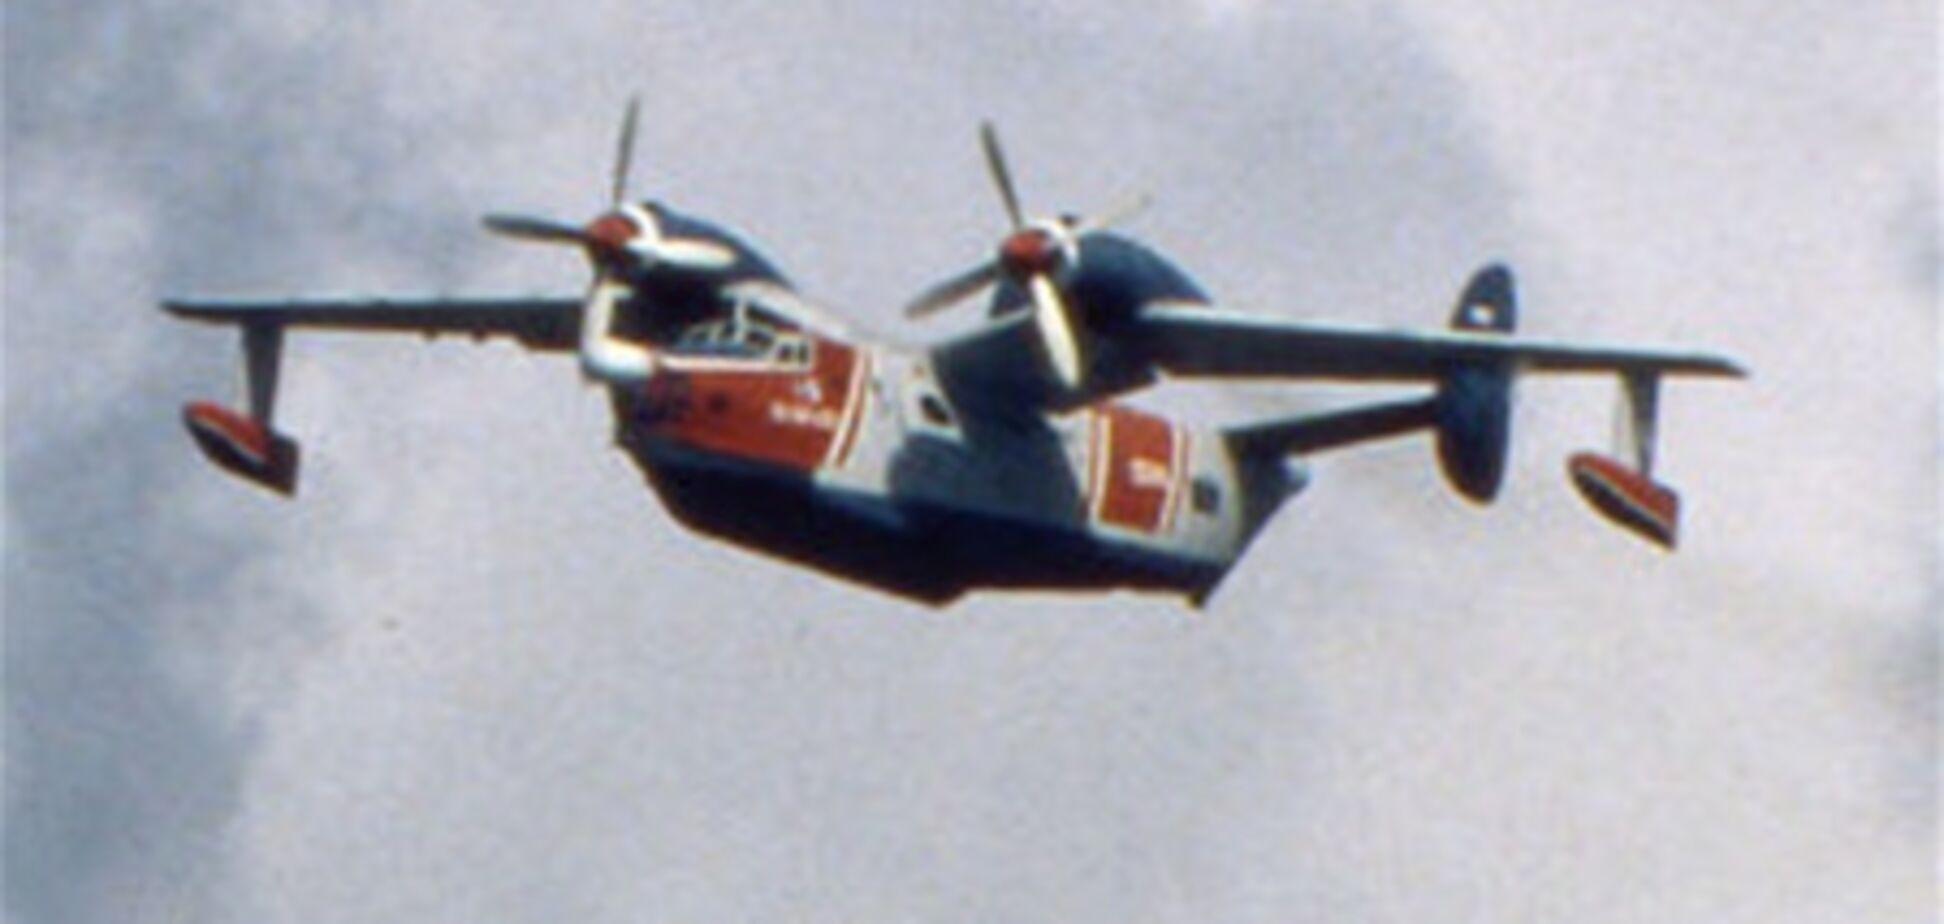 Полеты Бе-12 прекратили до выяснения причин авиакатастрофы под Севастополем